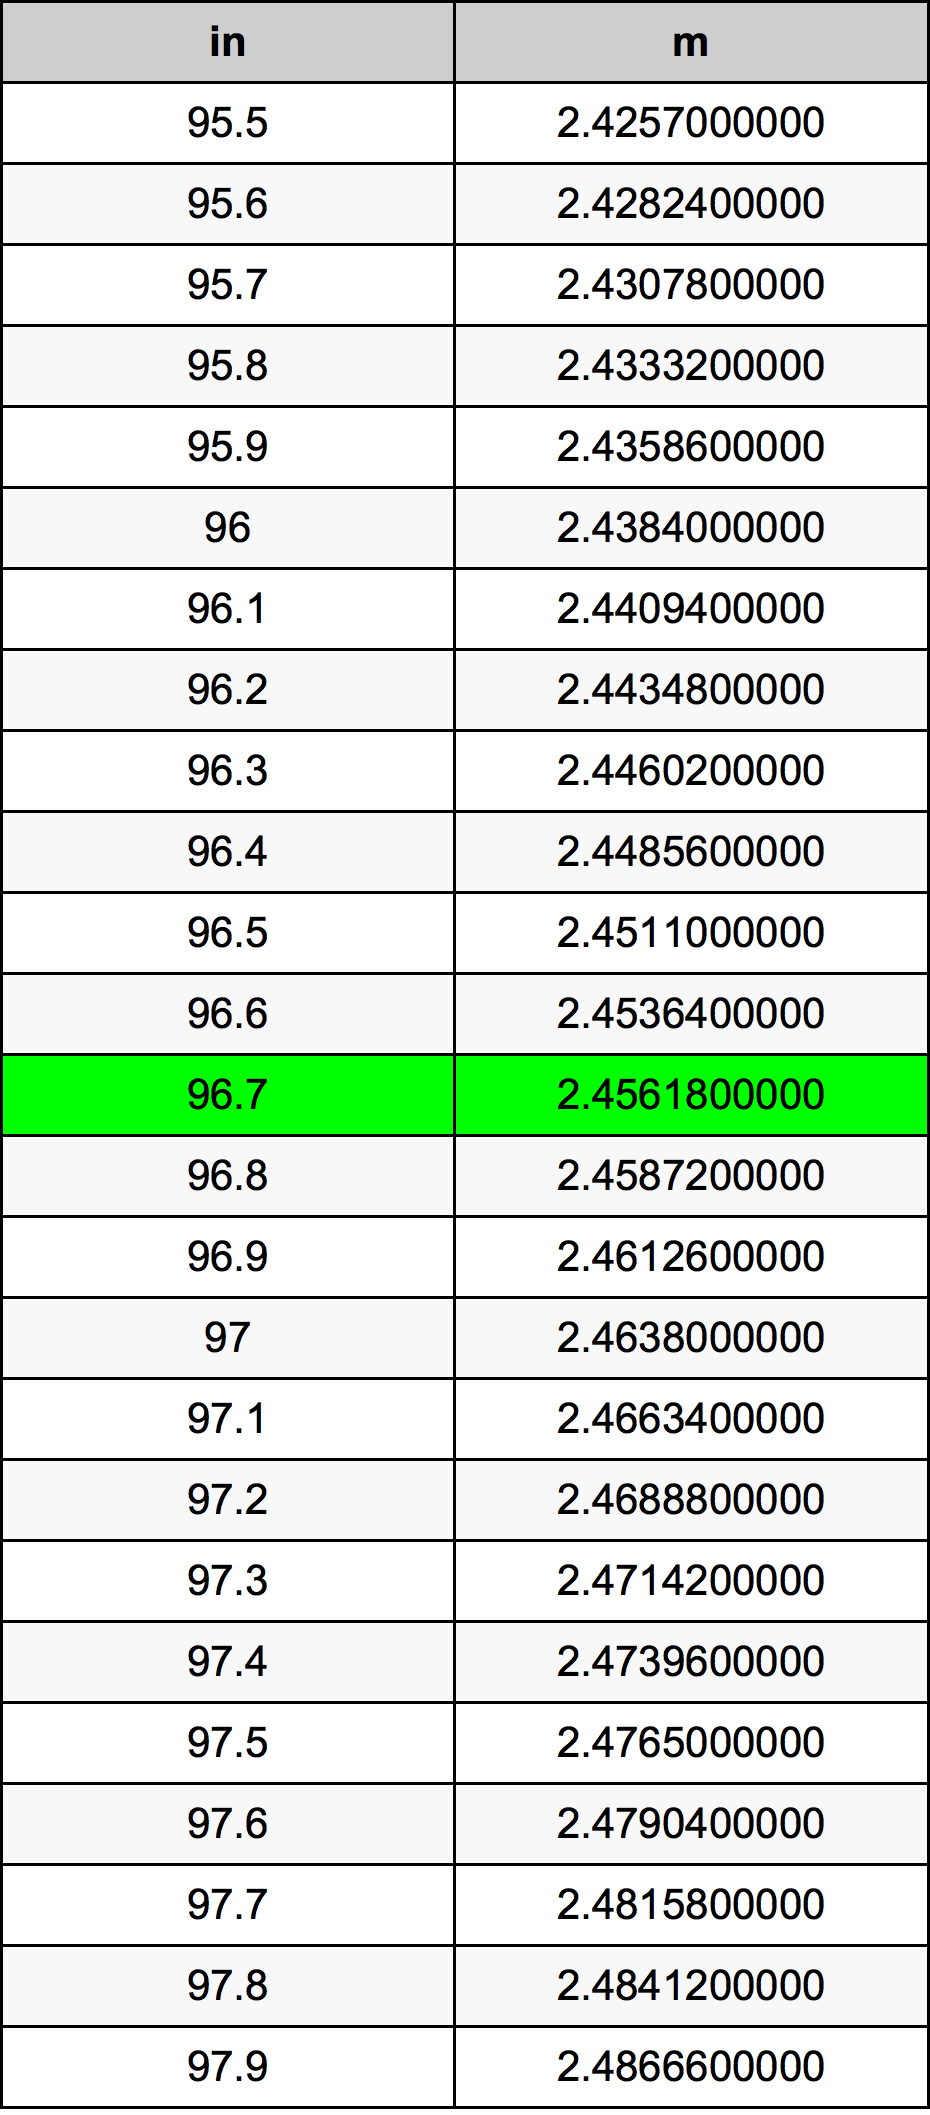 96.7 Tomme konverteringstabellen